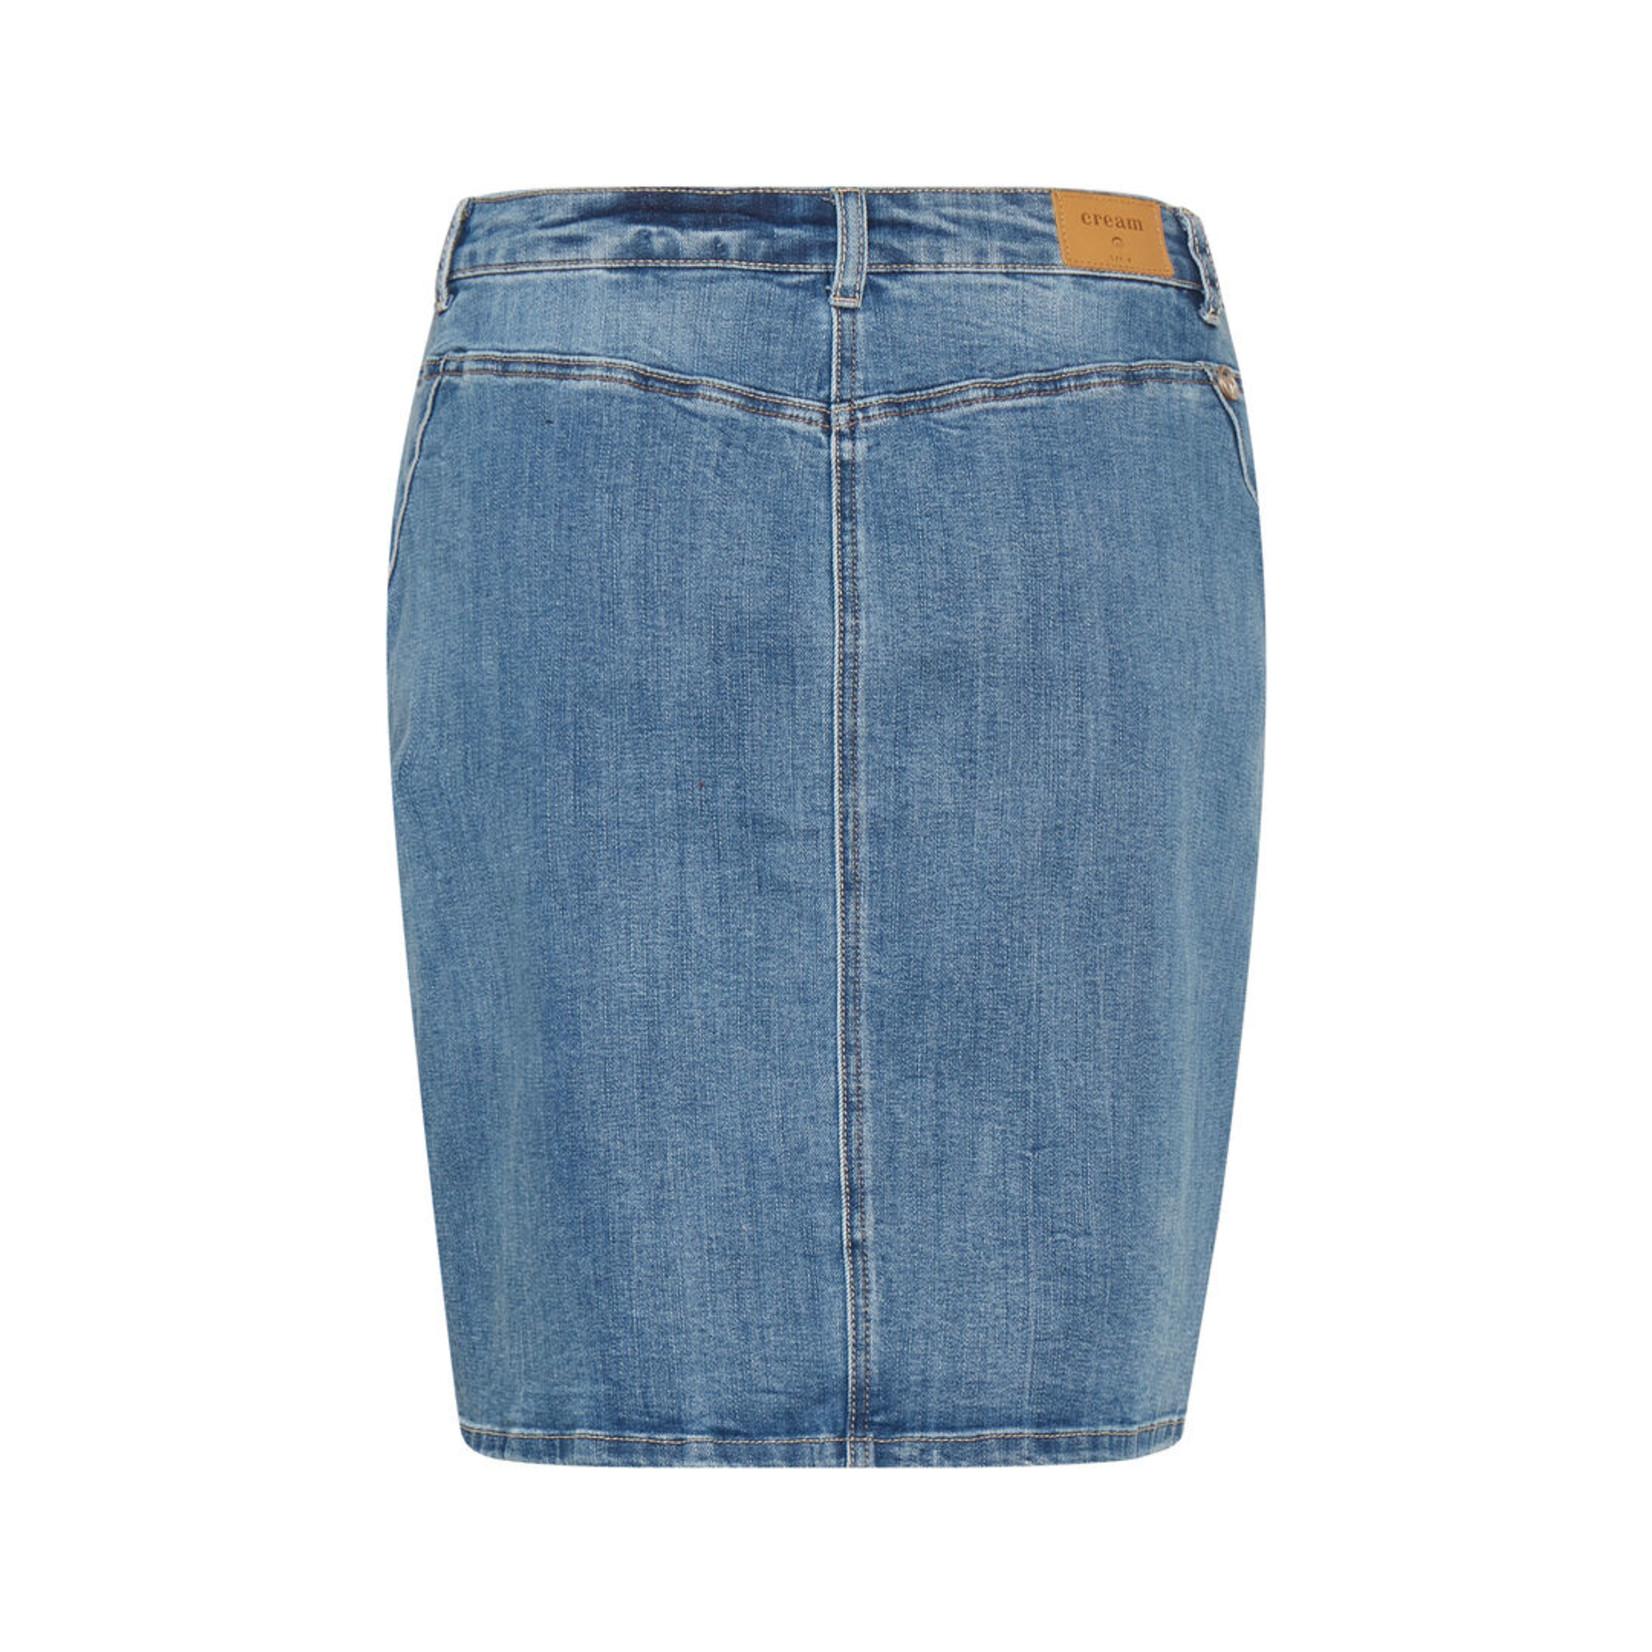 Cream Velia Skirt